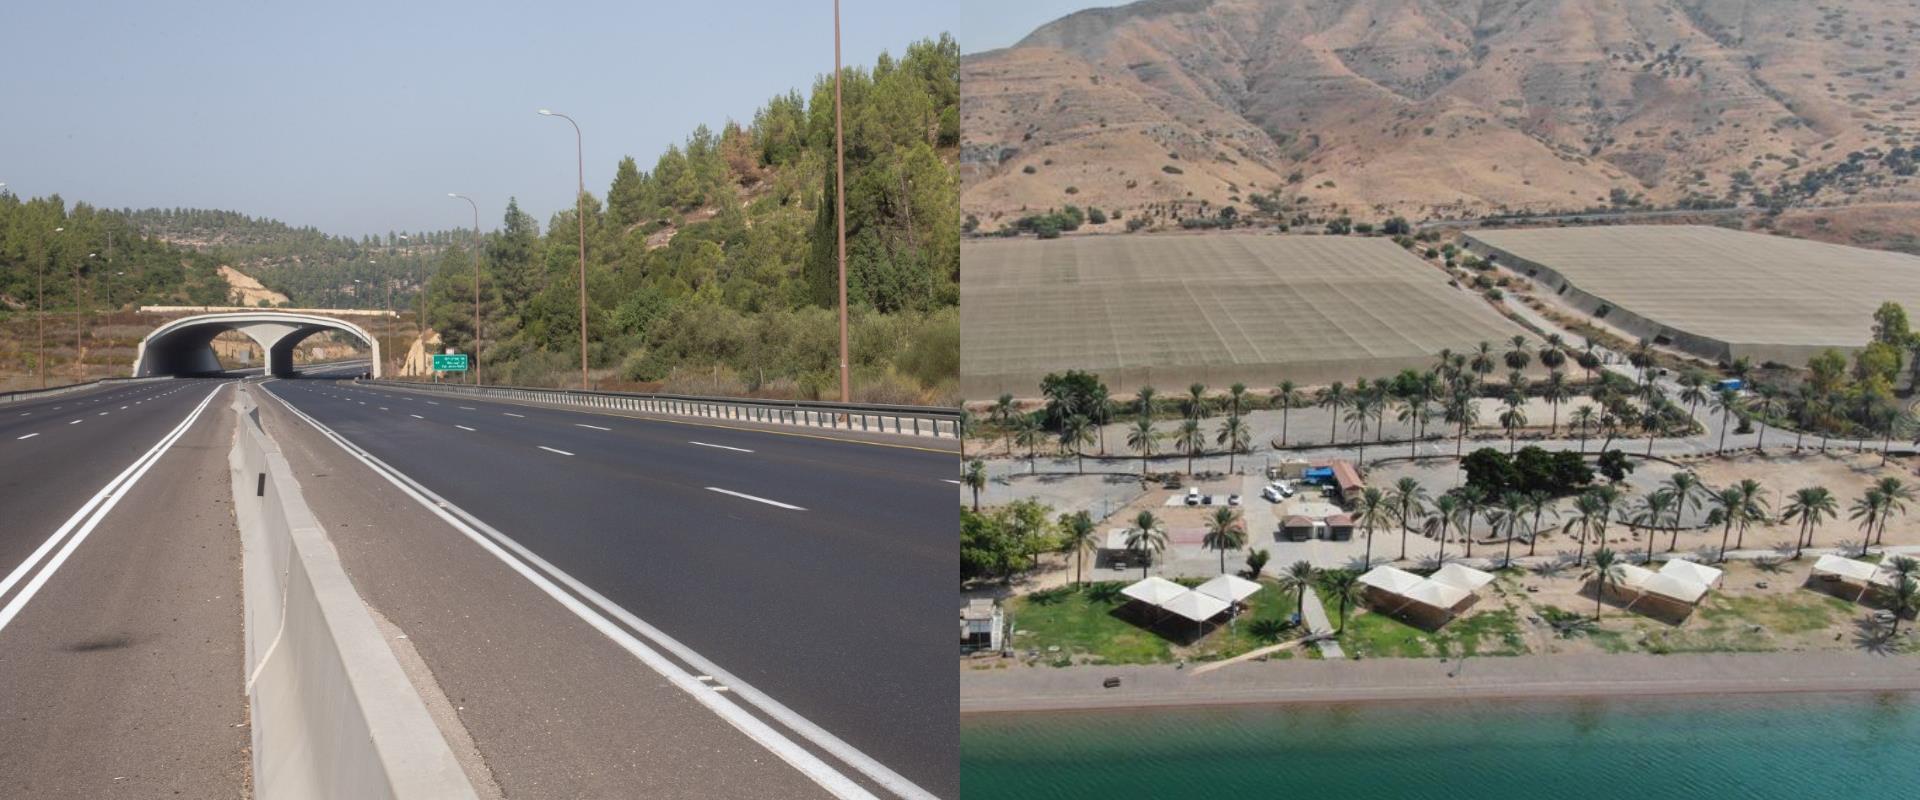 כבישים וחופים ריקים